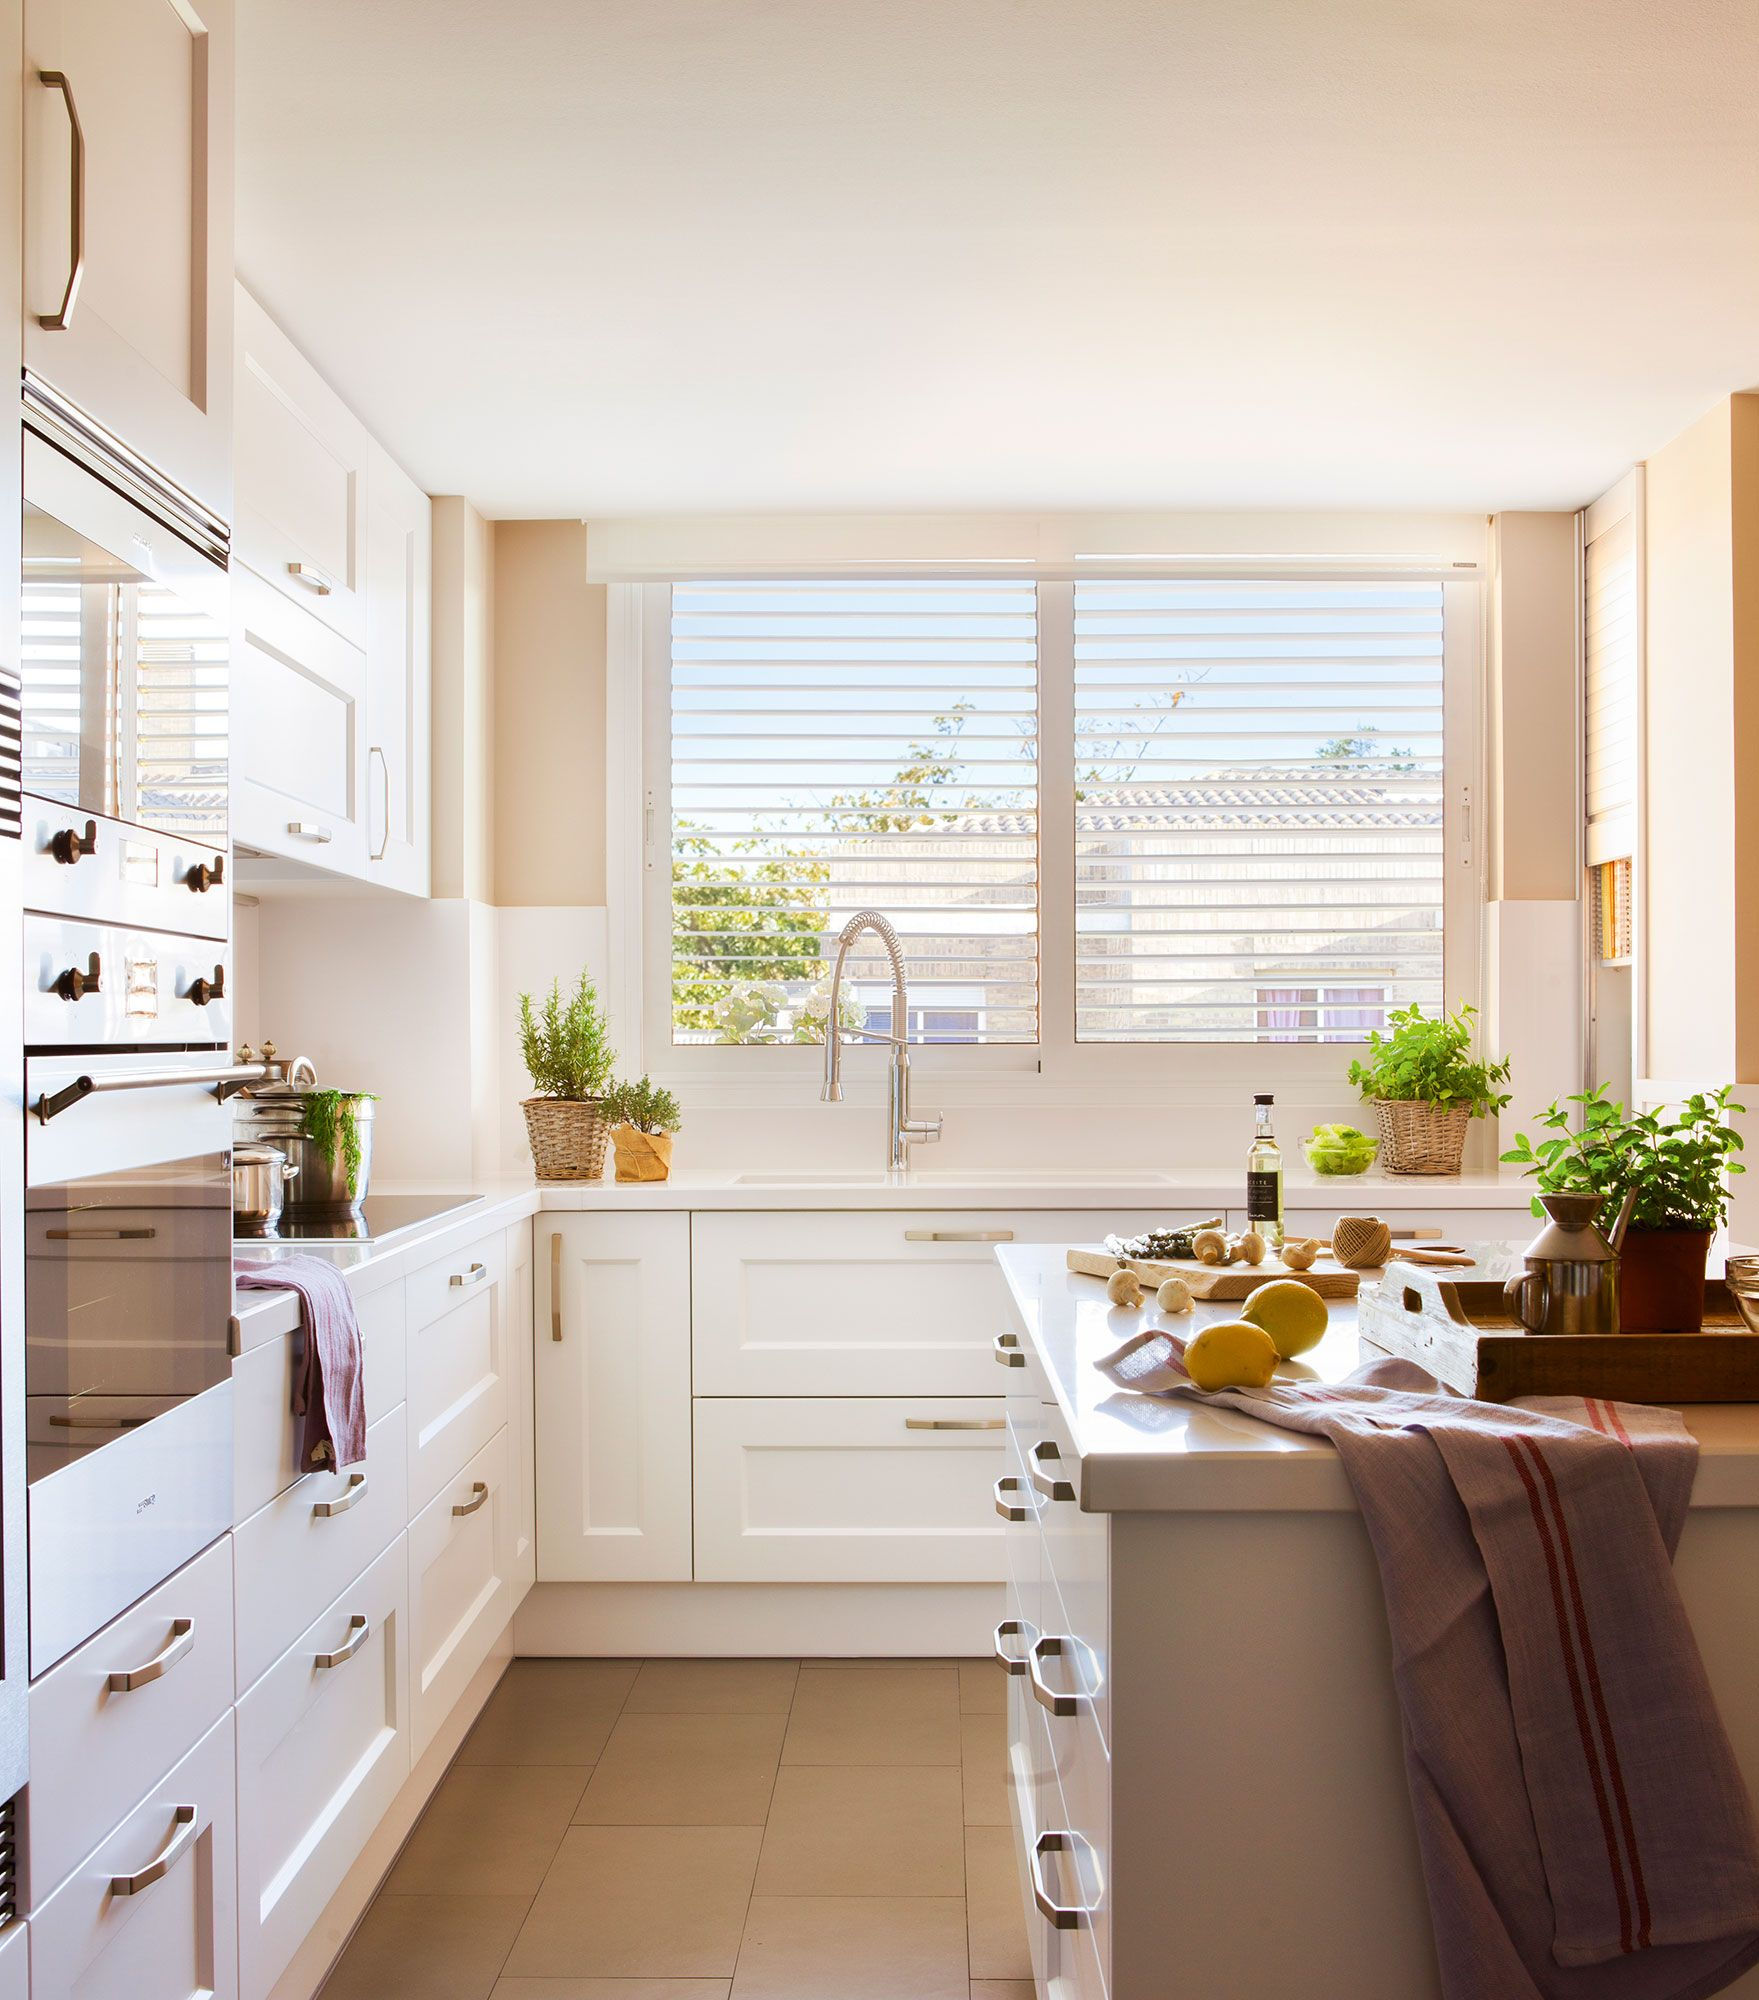 Ideas para aprovechar el espacio en las cocinas peque as - Aprovechar espacio cocina ...